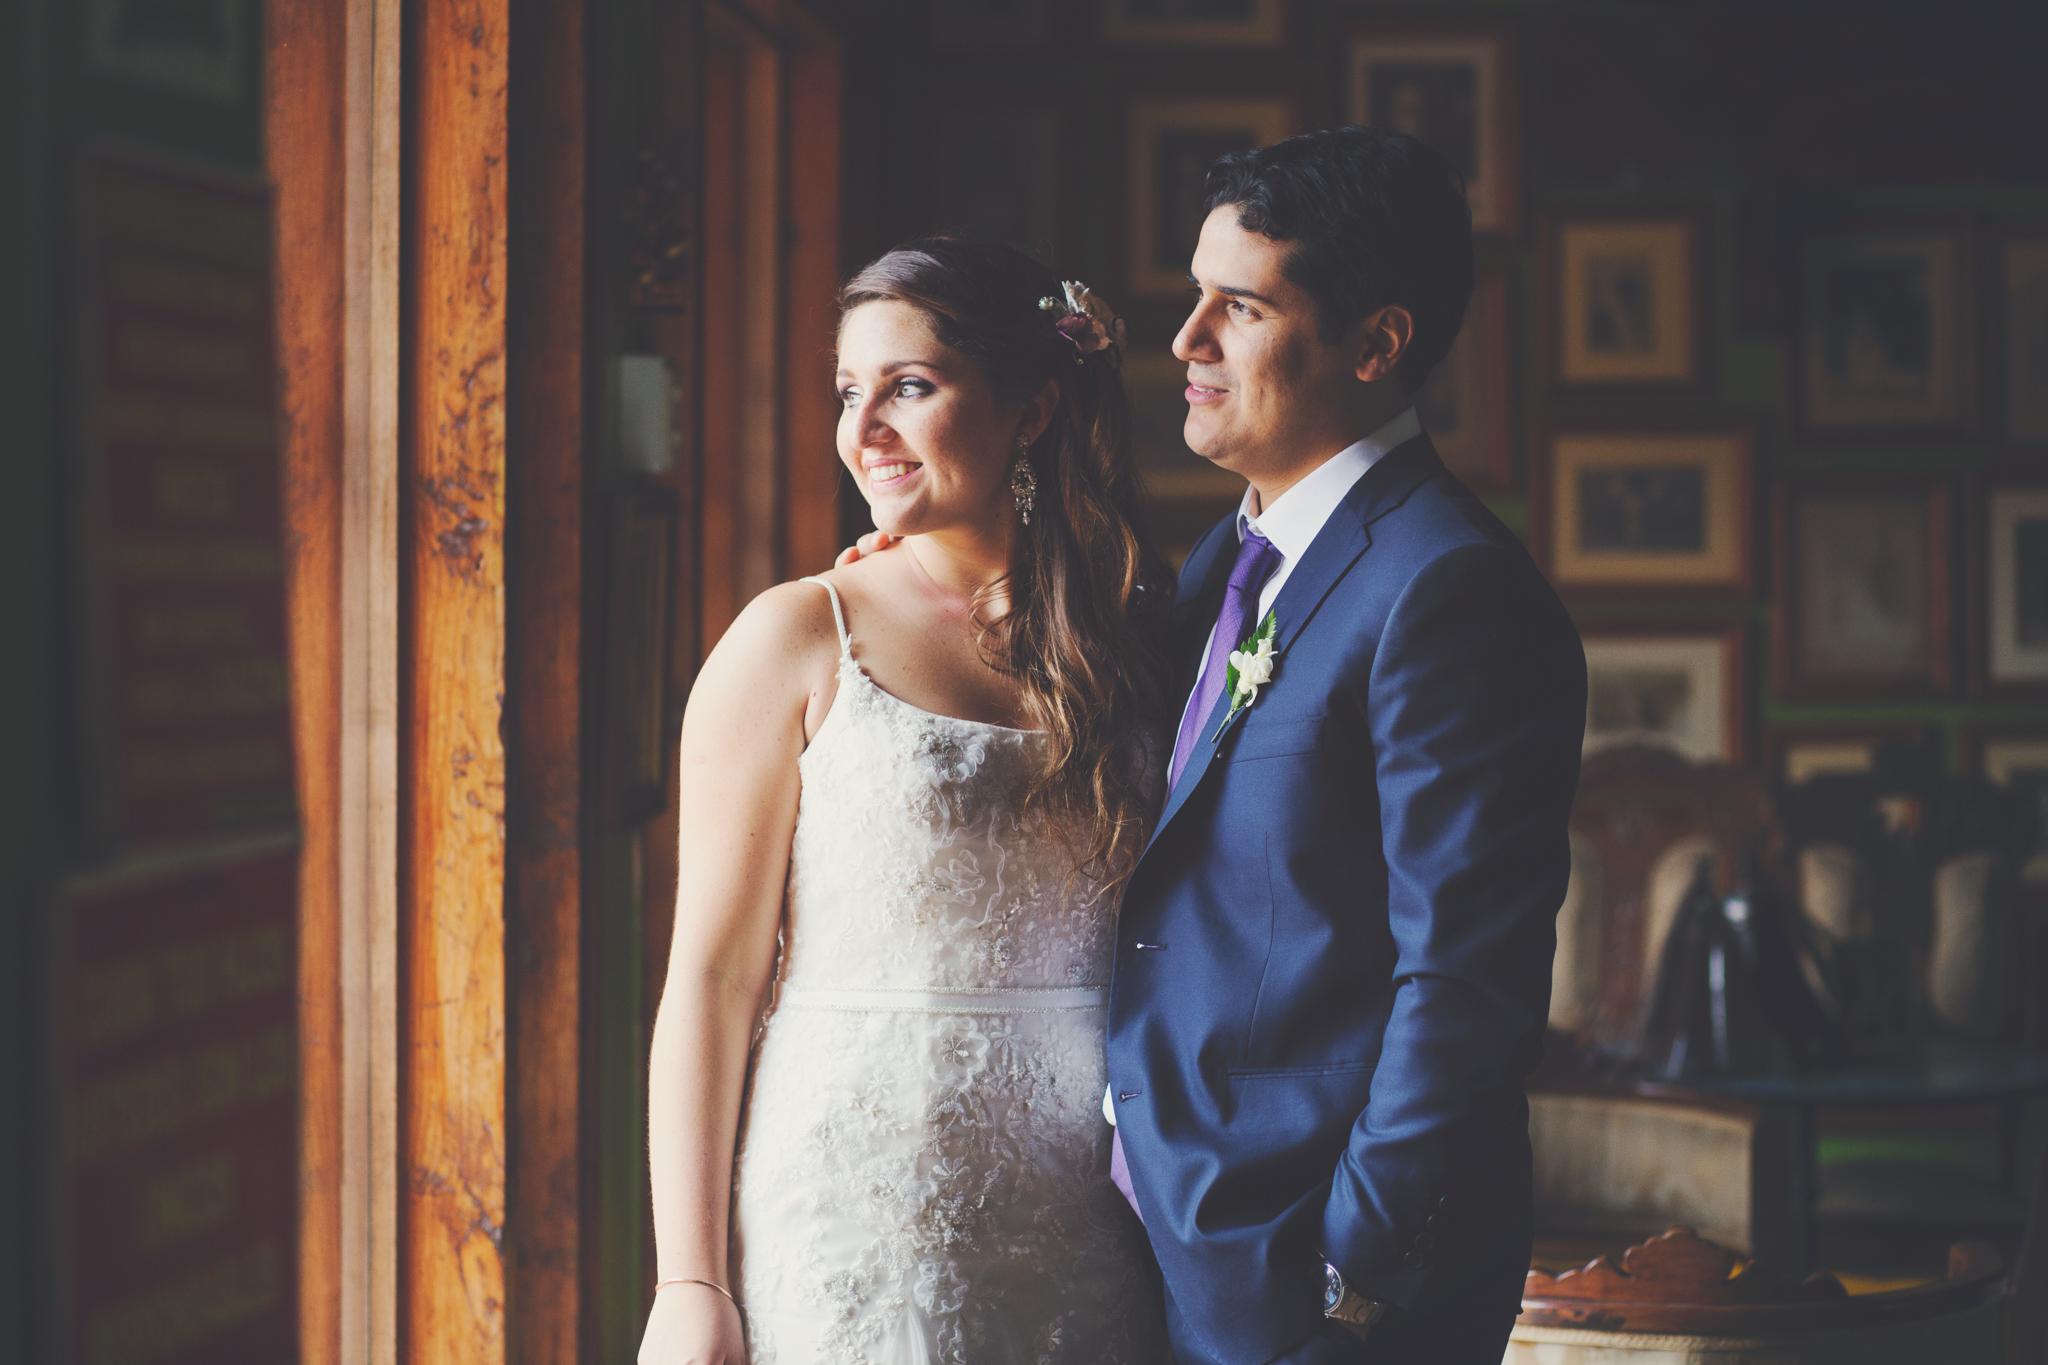 """Daniela y Juan Manuel abrieron la temporada de bodas para nosotros. Llena de color y lindos detalles esta boda nos sorprendió con lo peculiar que resultó la locación de la fiesta, el restaurante """"Don Cucho"""" en Pachacámac. Felices por estos nuevos esposos que empiezan una nueva vida juntos. ¡Les deseamos lo mejor! a continuación no se pierdan su video y el resumen de su boda en esta fotos."""